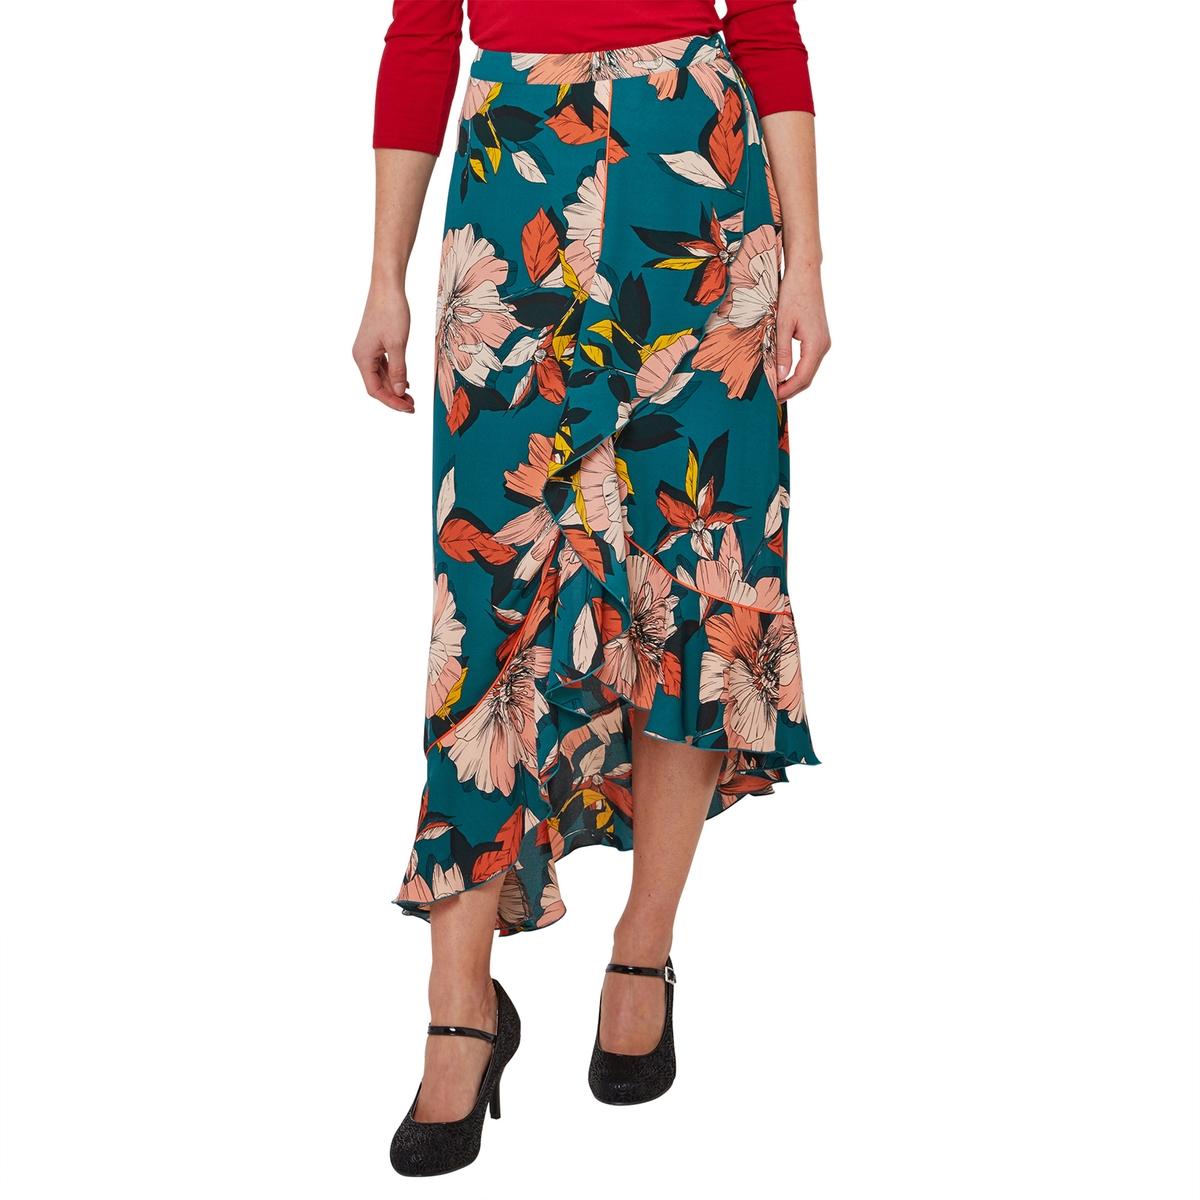 цена Юбка La Redoute Асимметричная с цветочным рисунком и воланами 38 (FR) - 44 (RUS) розовый онлайн в 2017 году